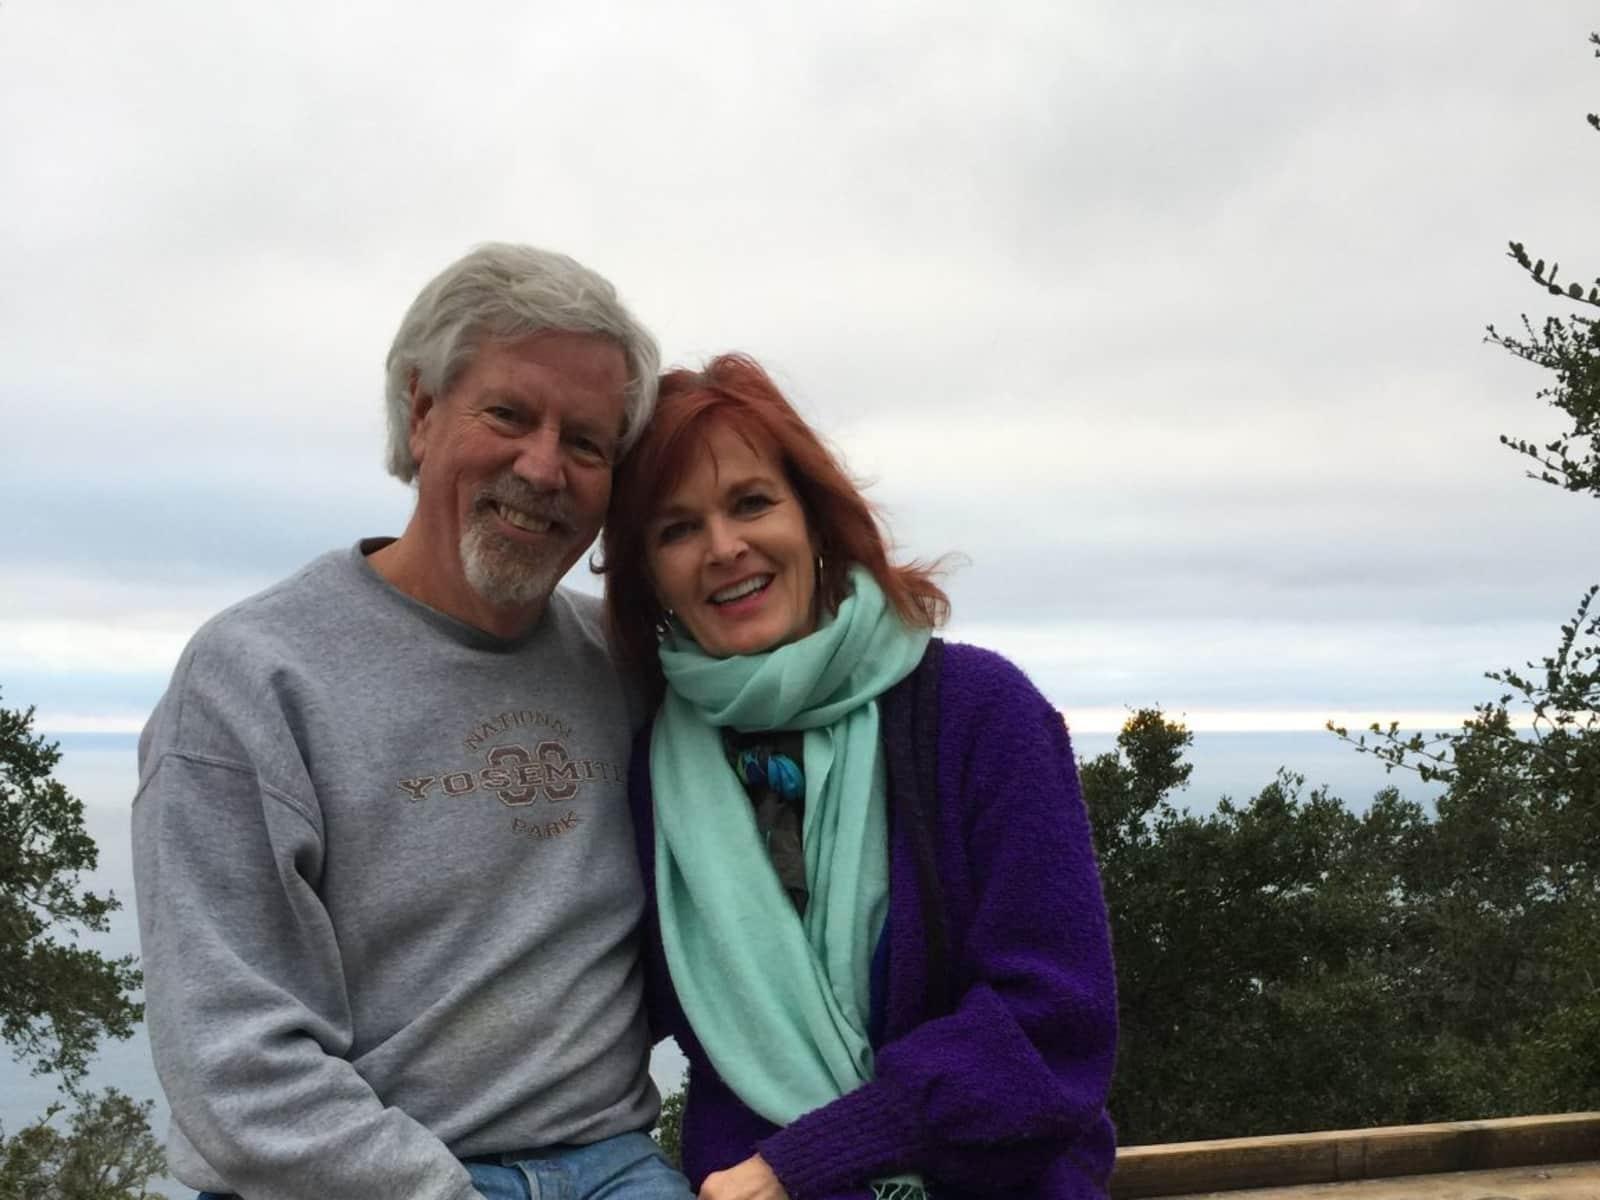 Paula joy & Doug from Carmel-by-the-Sea, California, United States